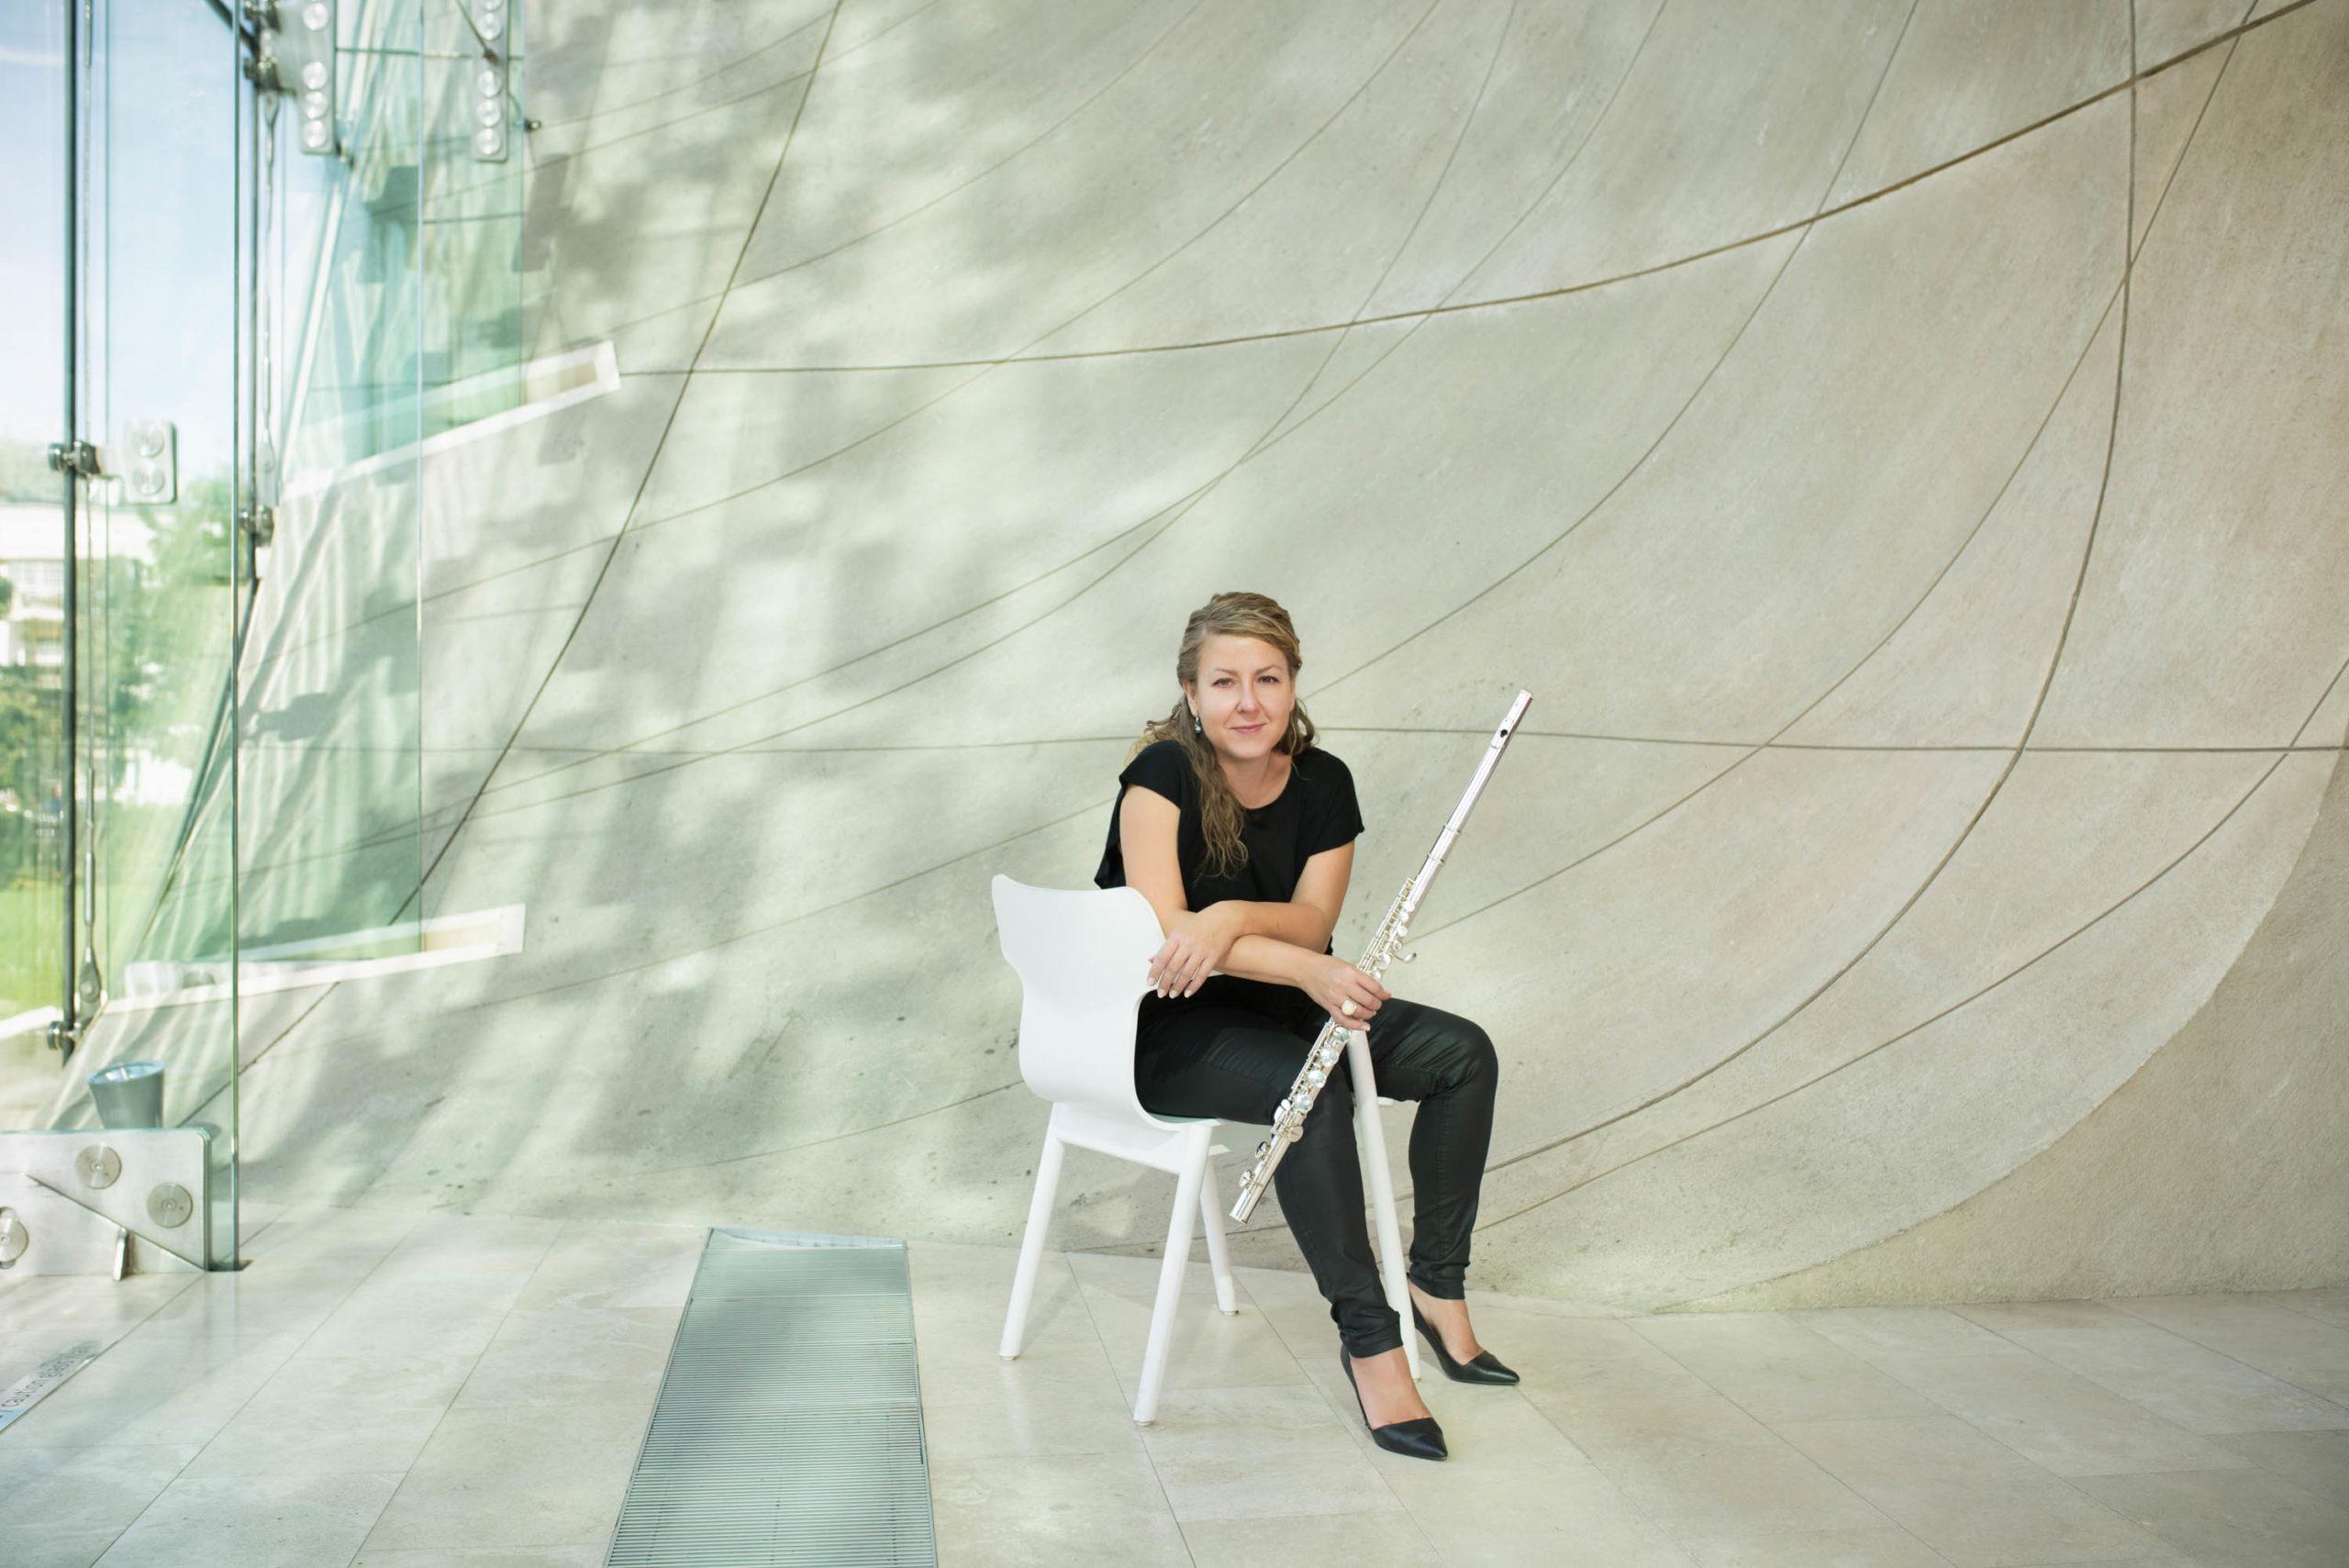 Ewa Liebceh - flet, fot. Ksawey Zamoyski